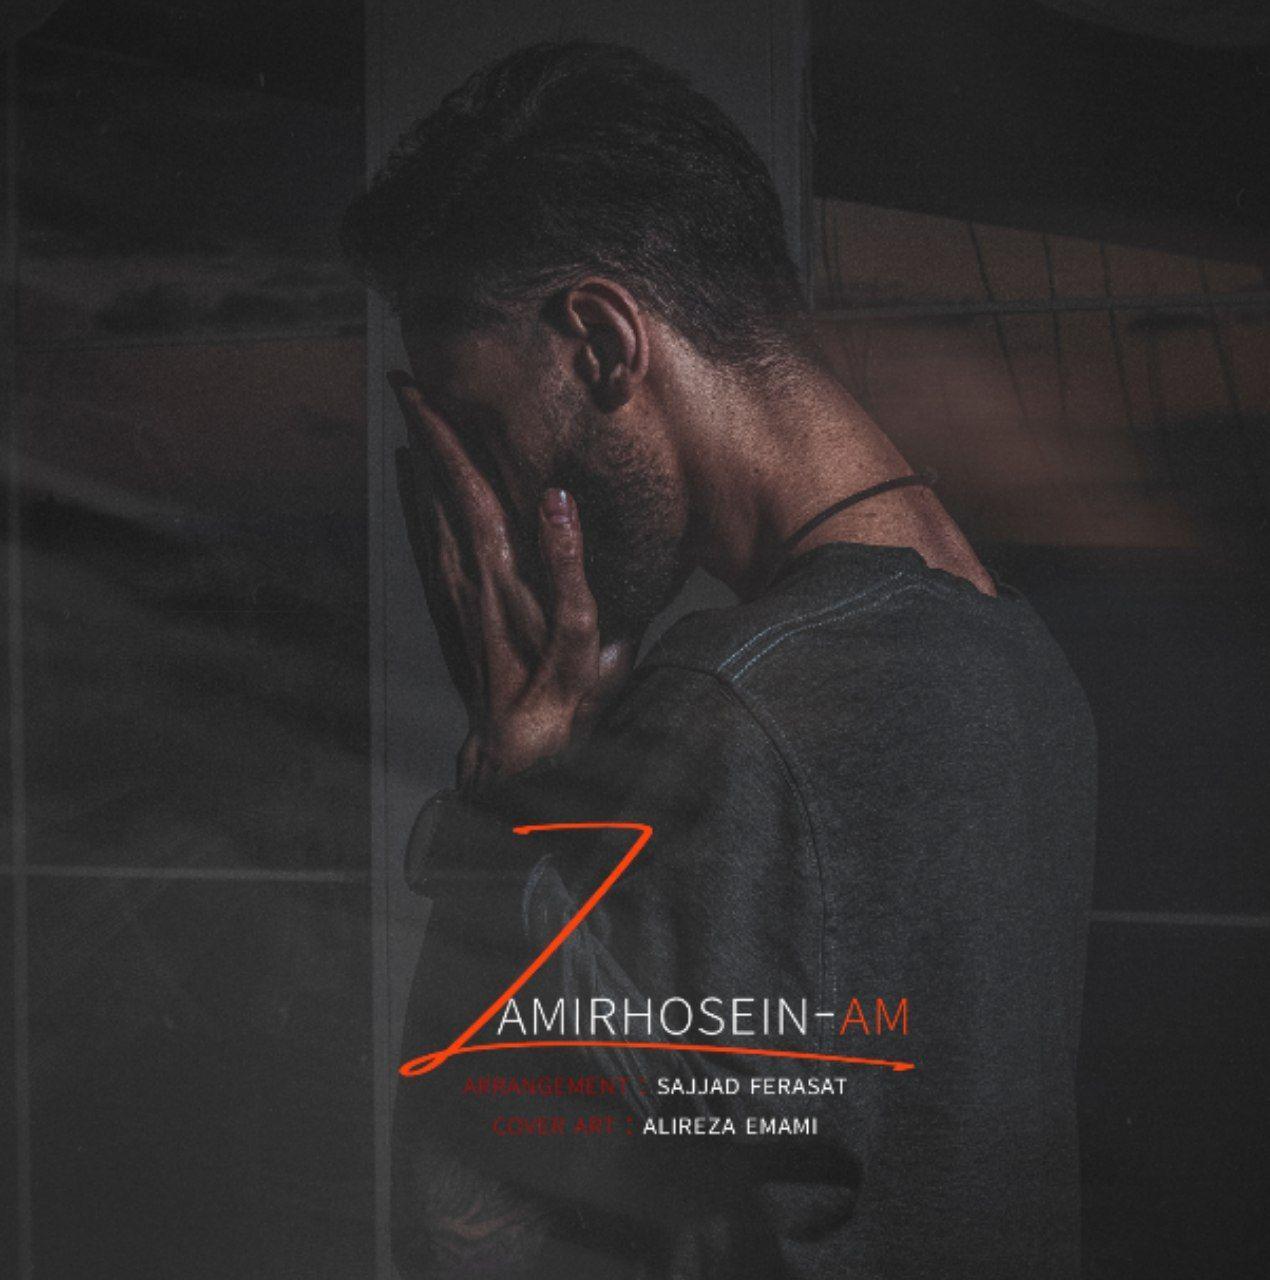 دانلود موزیک جدید Z از امیرحسین